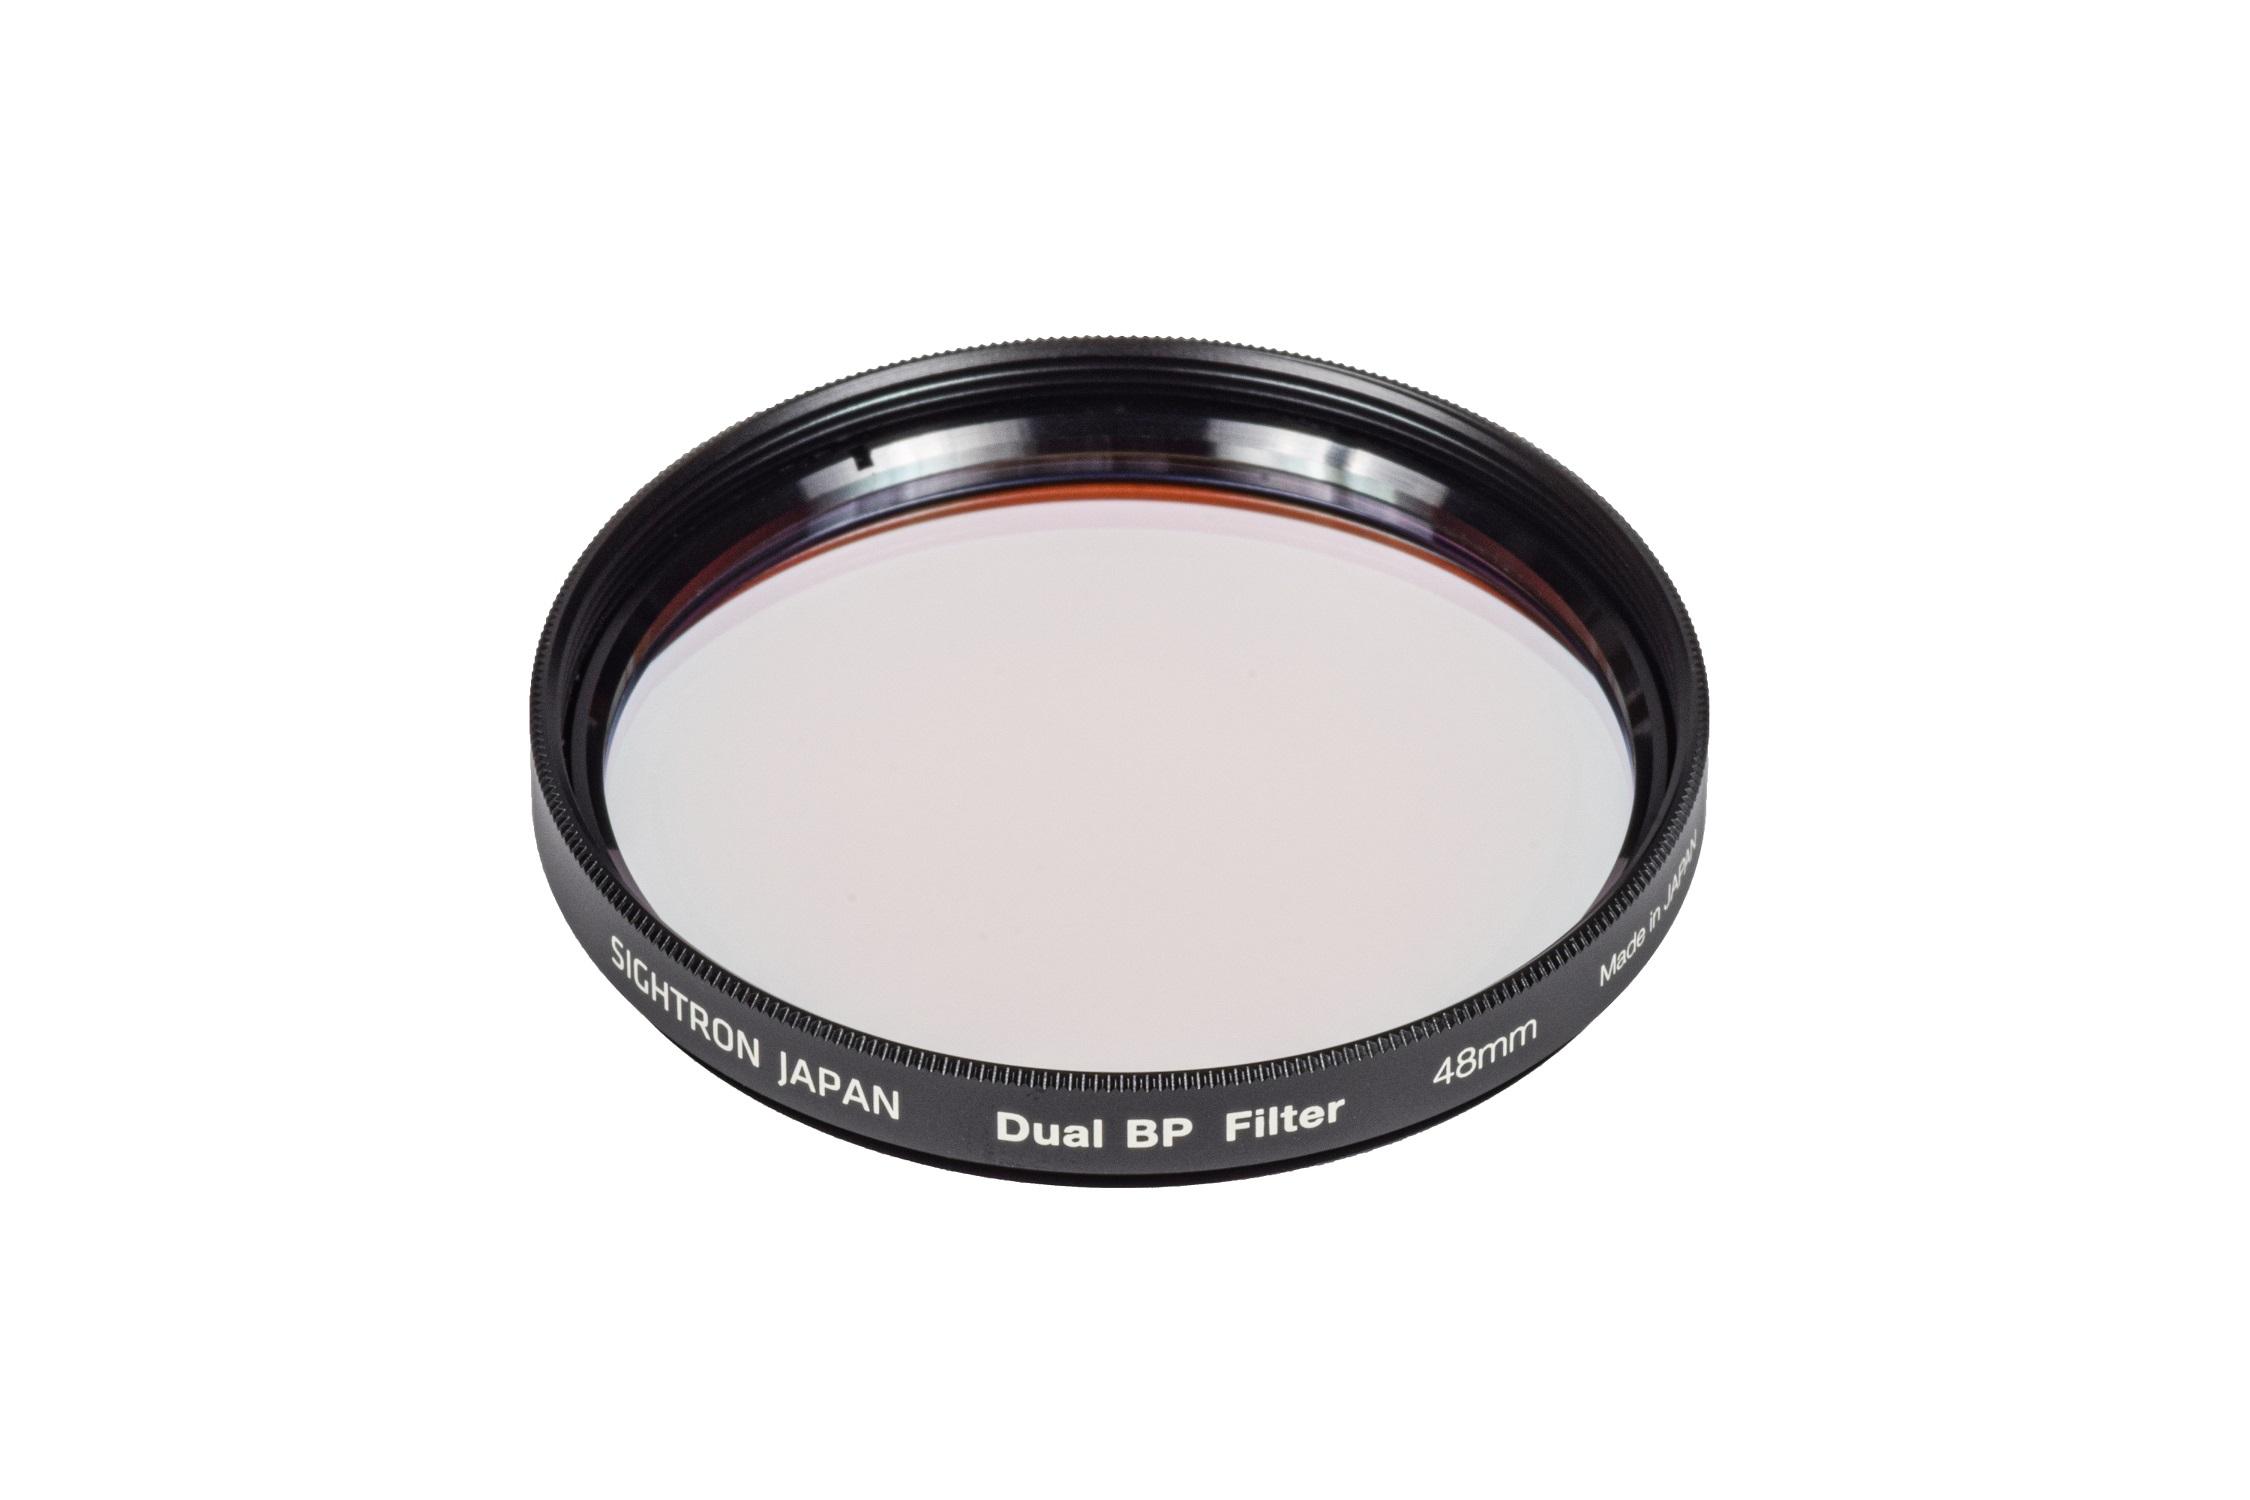 サイトロン「 Dual BP フィルター(デュアル バンドパス フィルター)」48mm HαとOIIIの輝線だけを透過するバンドパスフィルター 都市部からの天体撮影に 光害カットフィルター 天体写真用